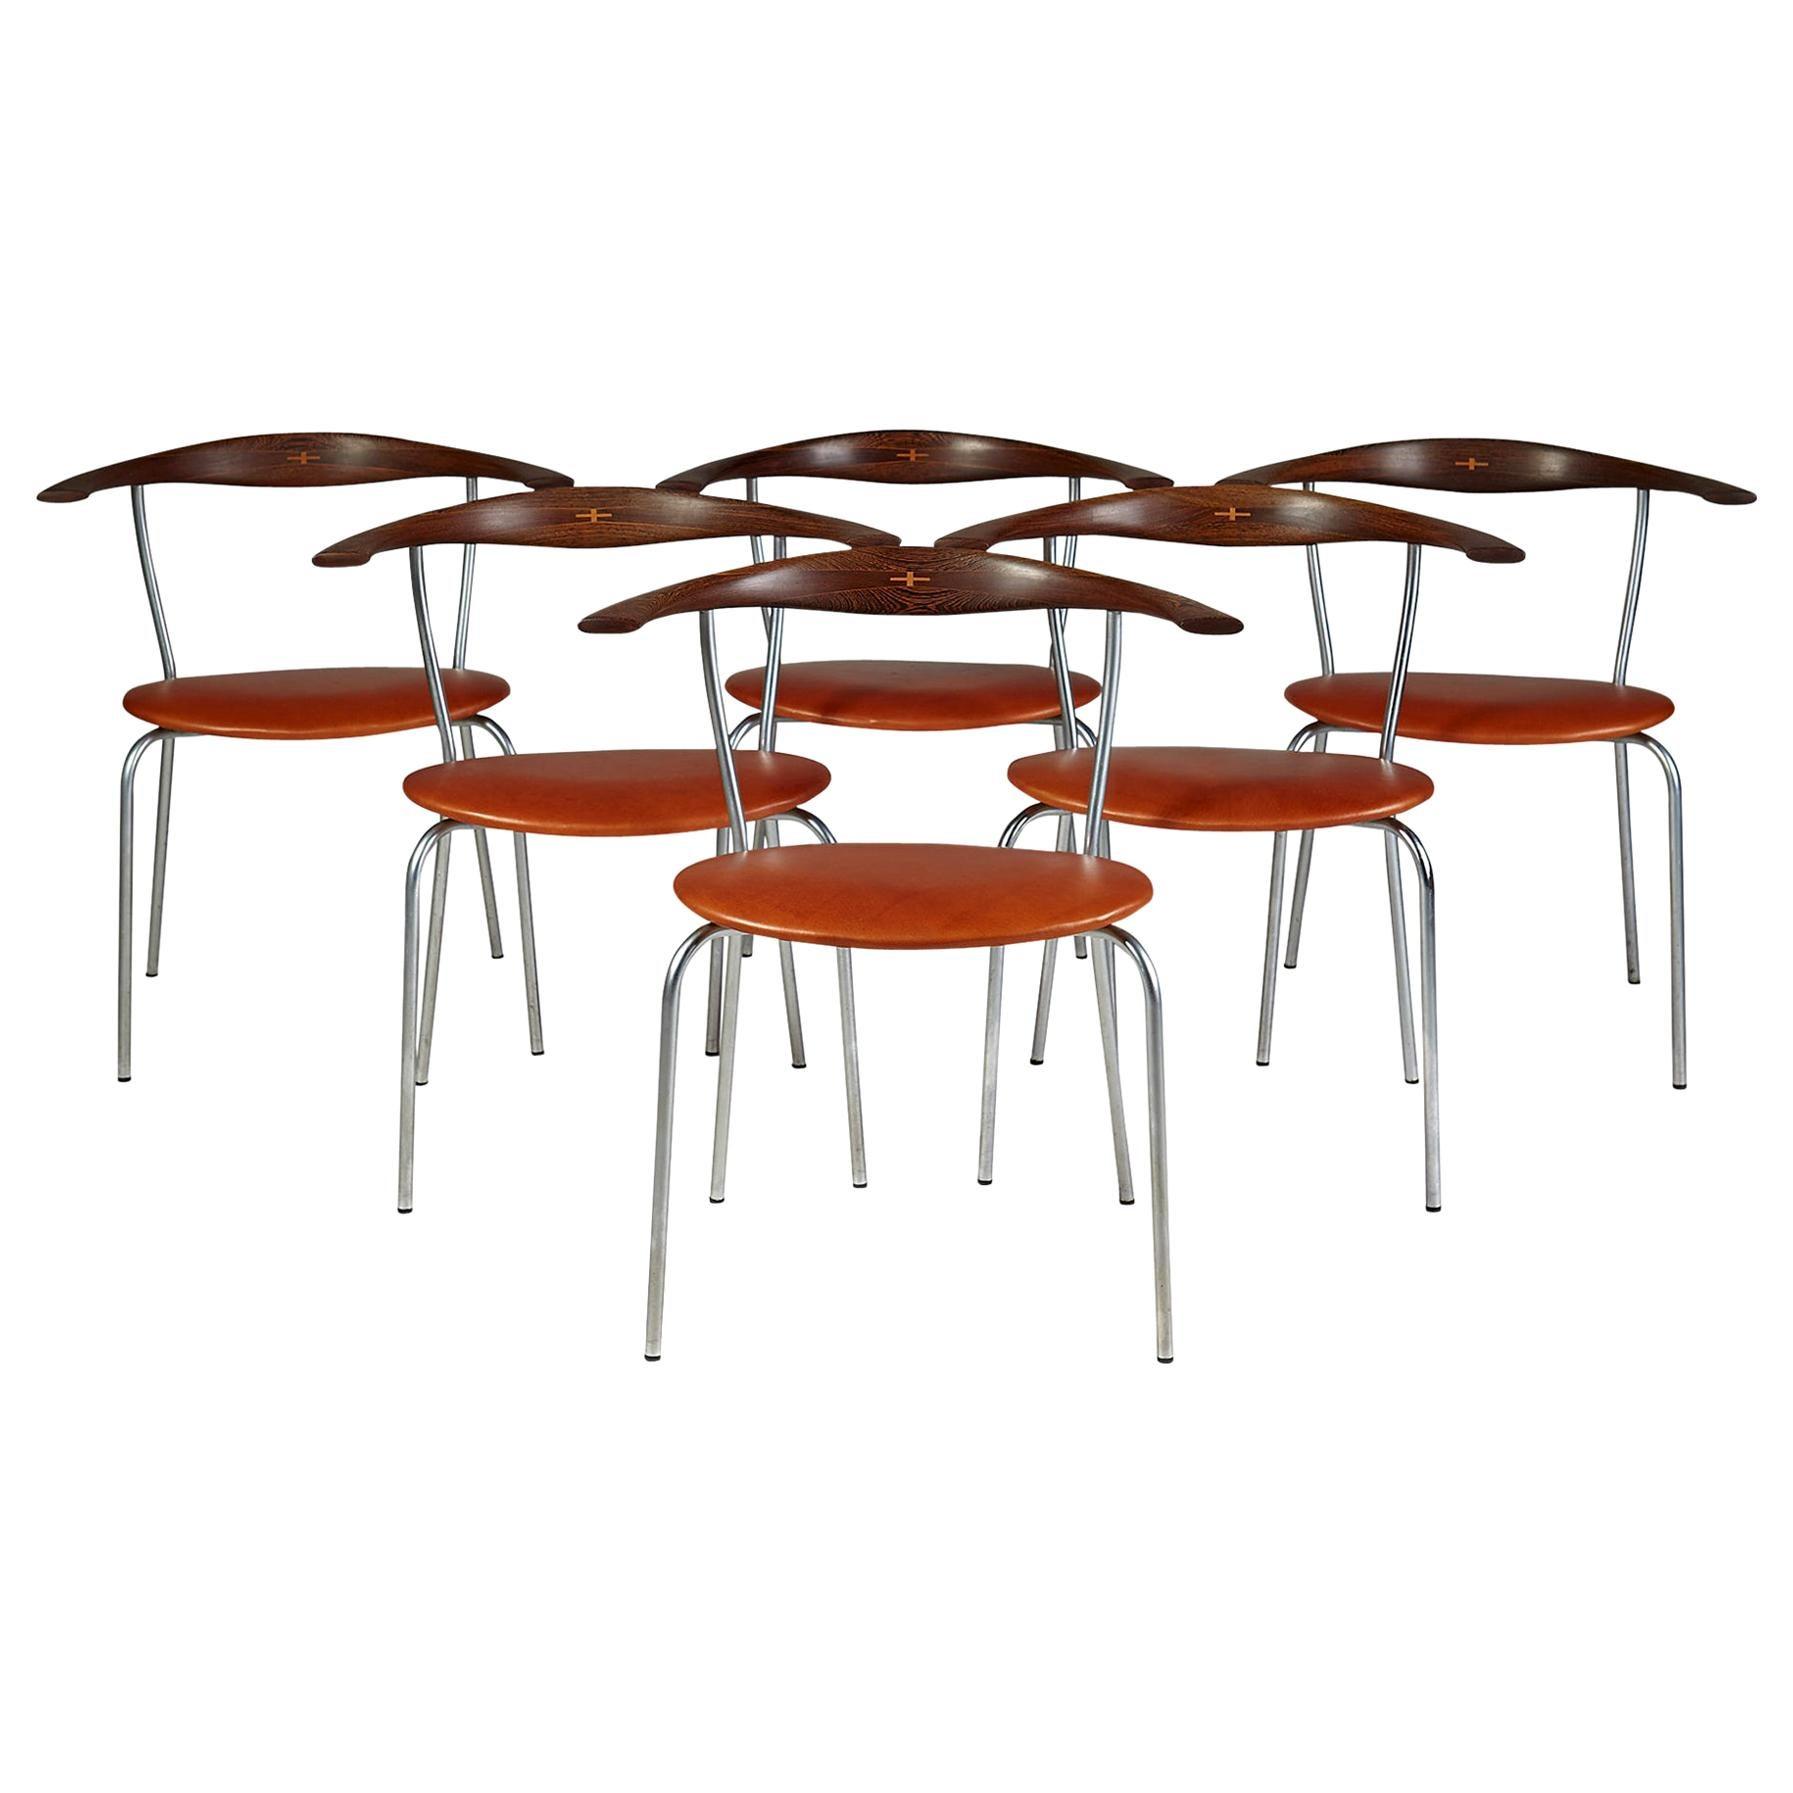 Dining Chairs Designed by Hans Wegner for Johannes Hansen, Denmark, 1960s